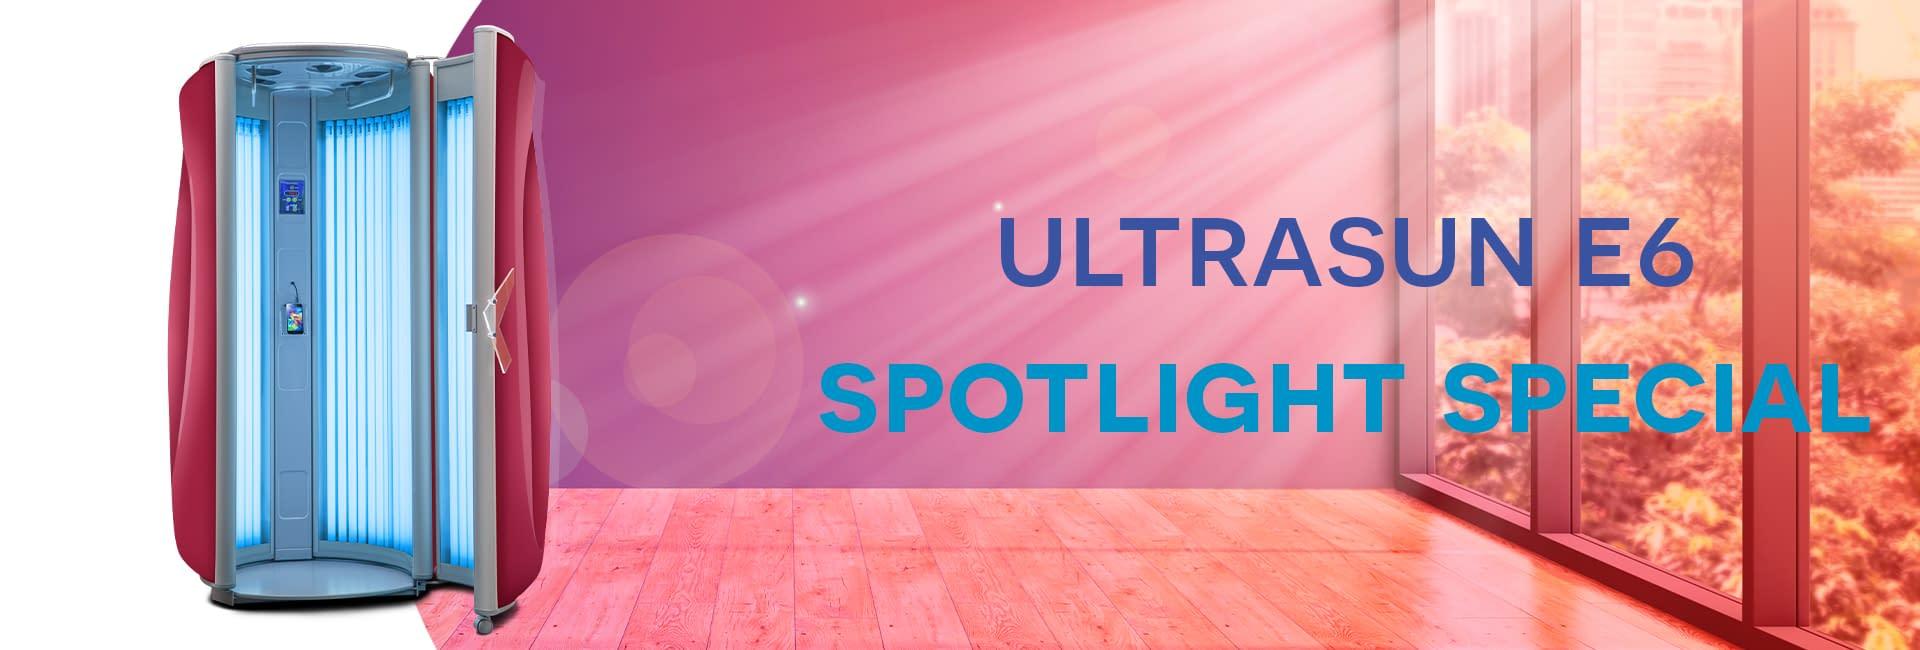 Ultrasun E6 spotlight special